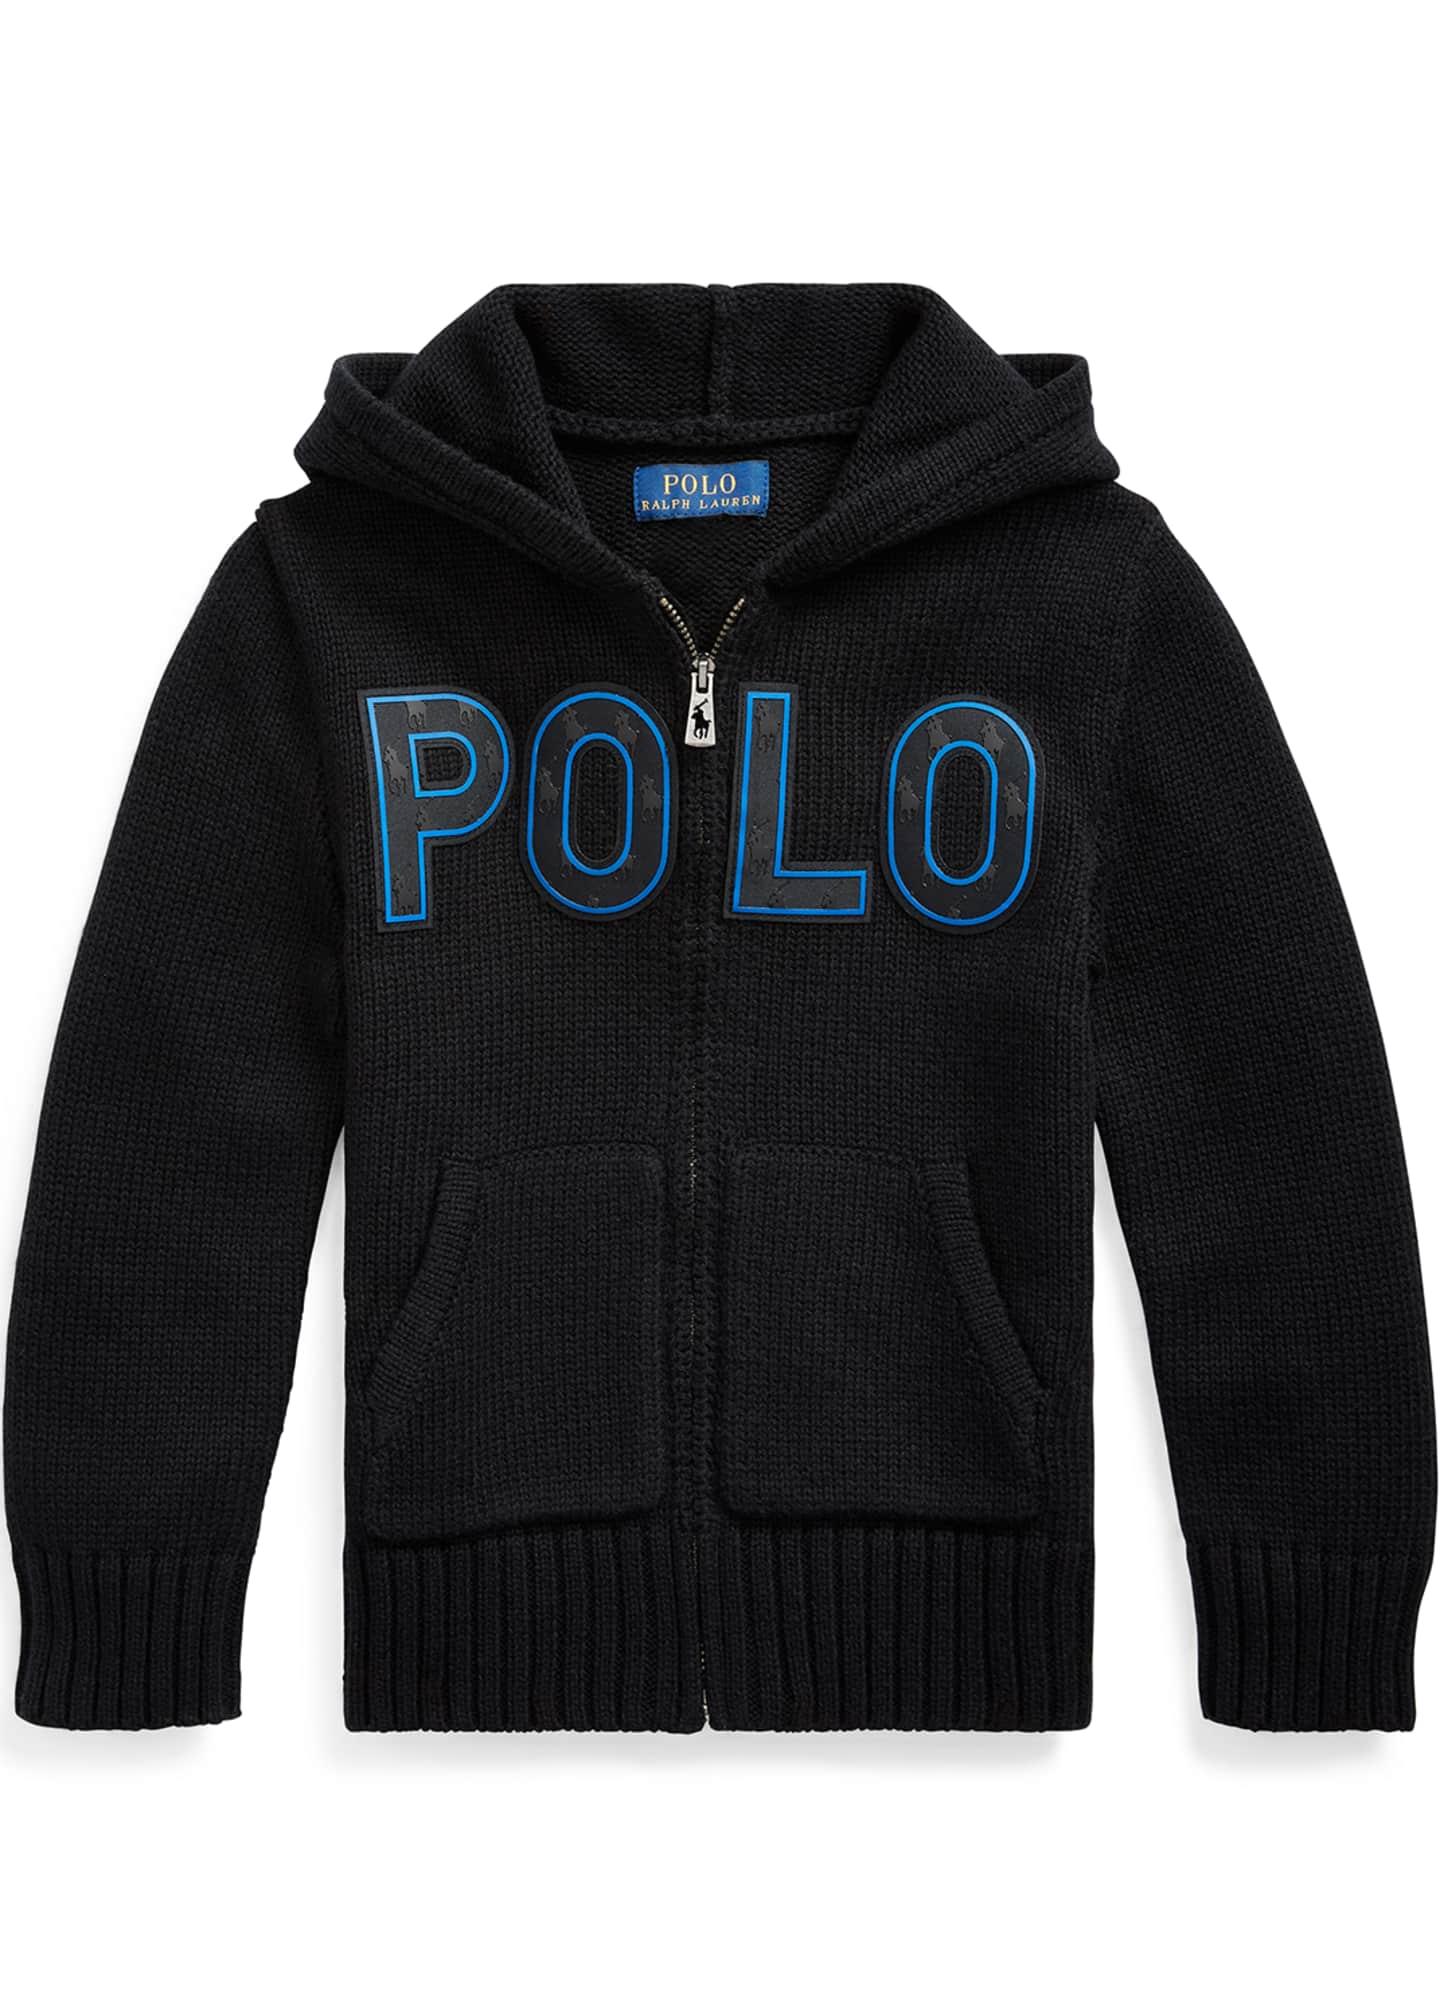 Ralph Lauren Childrenswear Boy's Knit Hooded Sweater Jacket